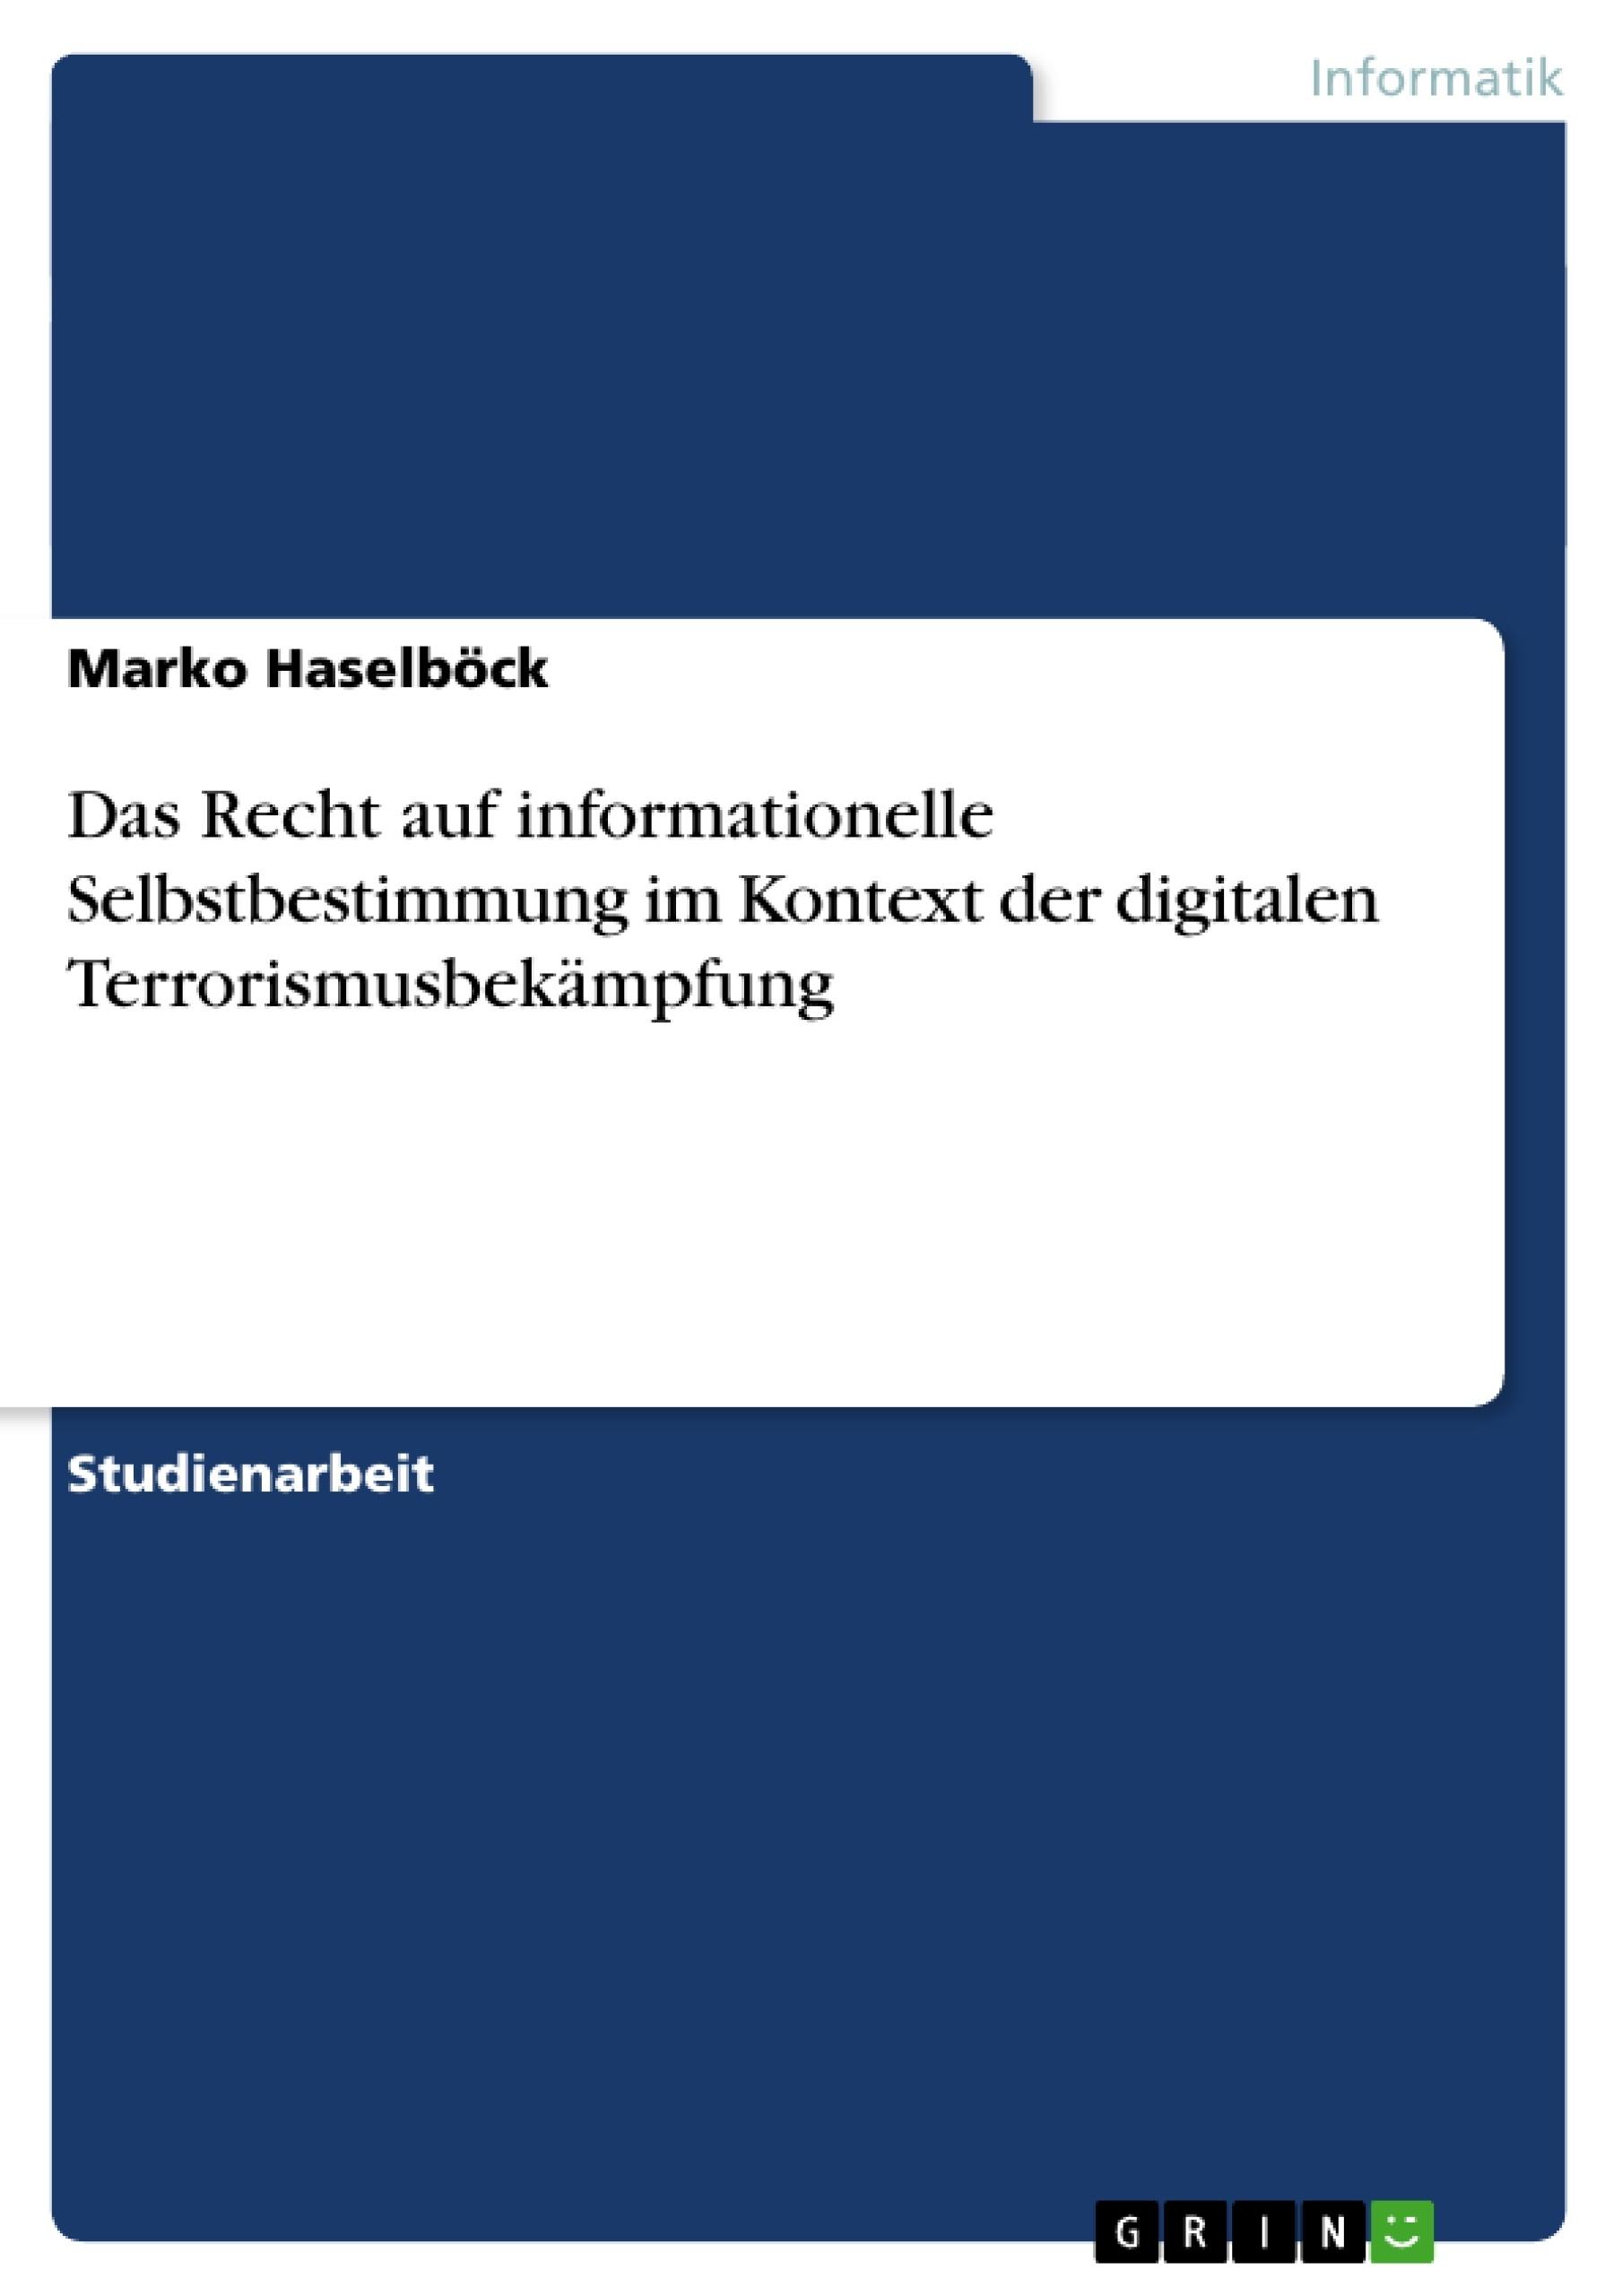 Titel: Das Recht auf informationelle Selbstbestimmung im Kontext der digitalen Terrorismusbekämpfung